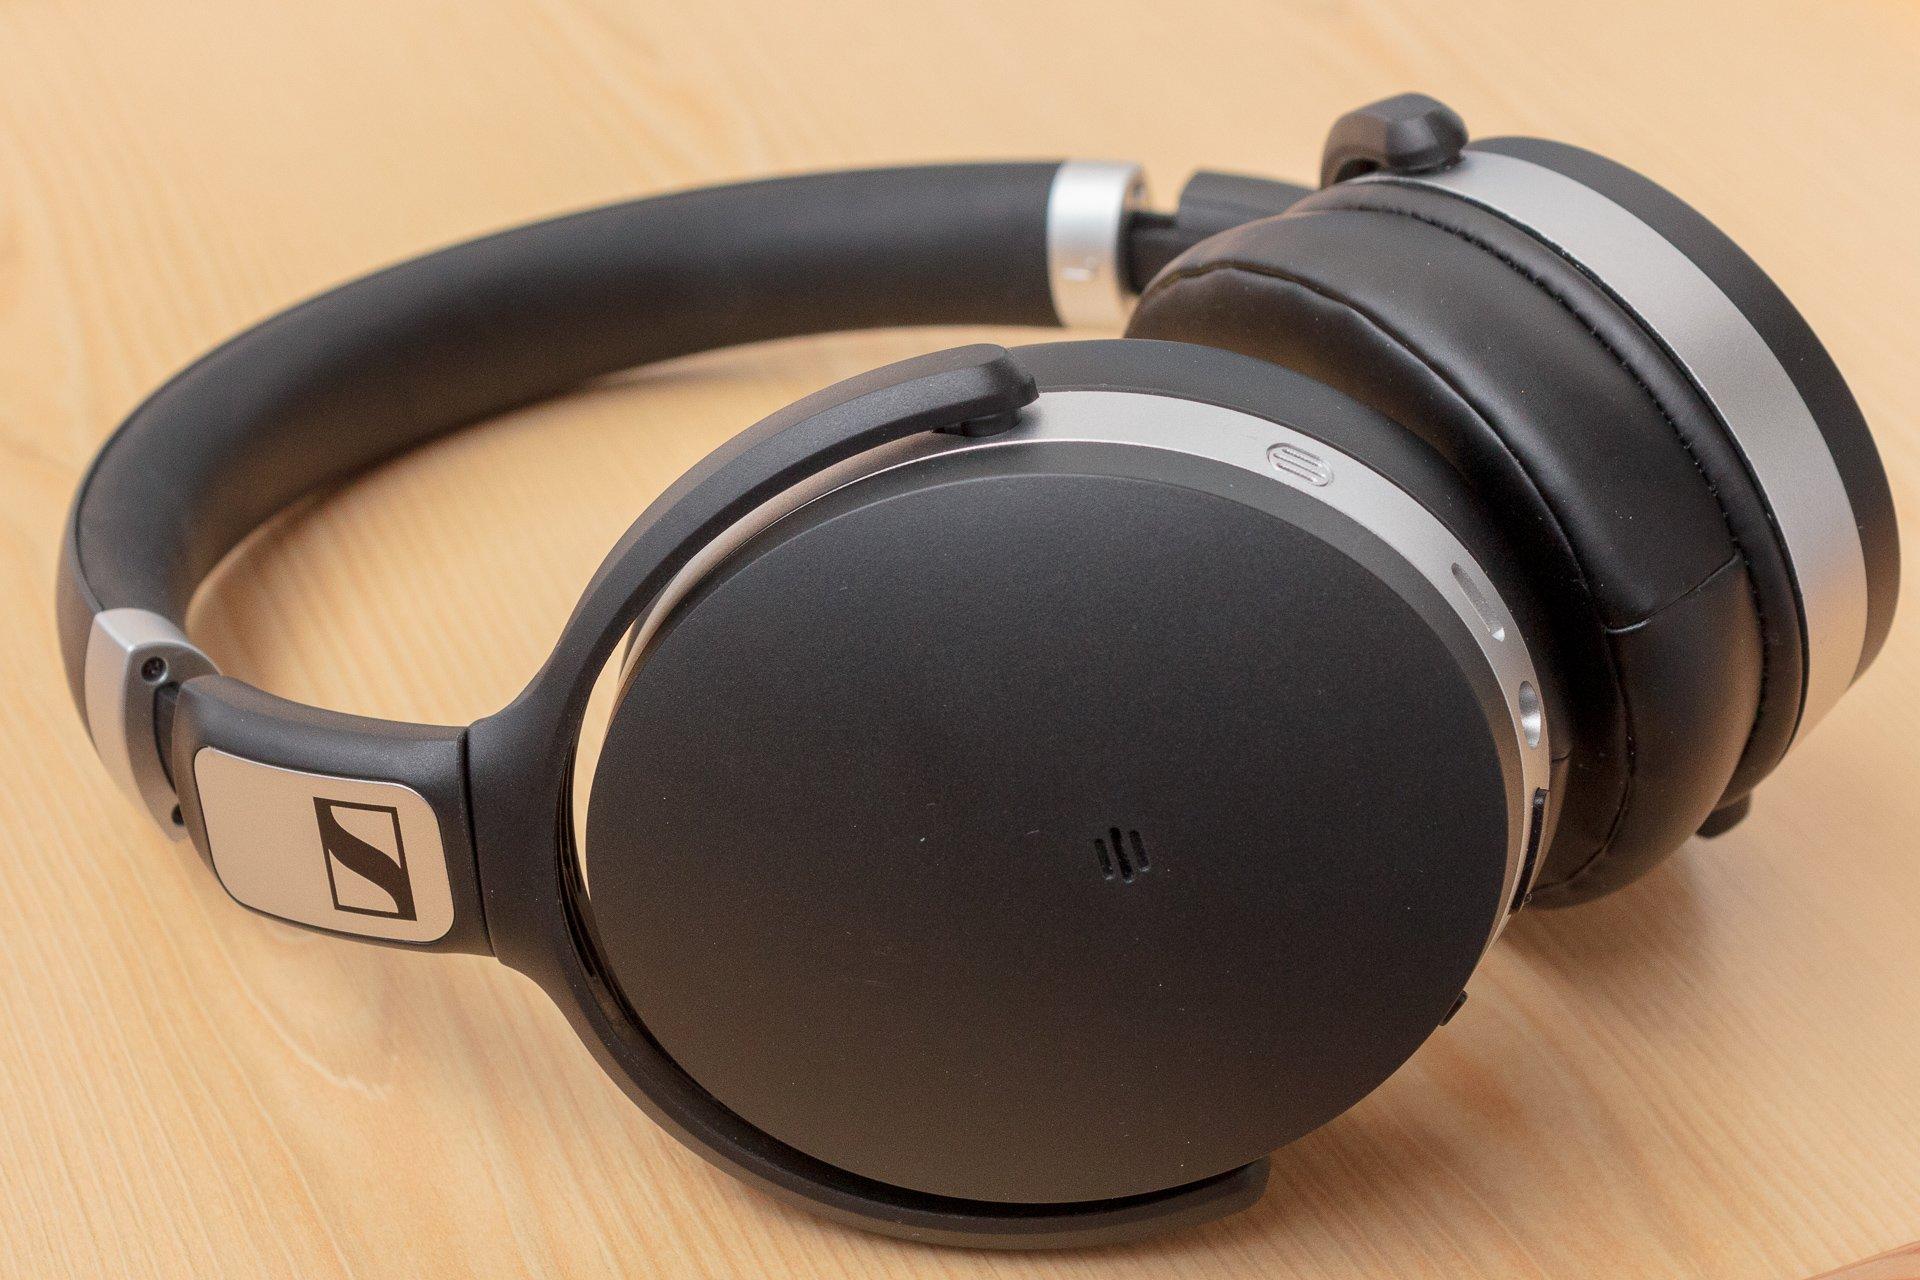 Recenzja Sennheiser HD 4.50 BTNC - doskonały dźwięk w wielkiej obudowie 23